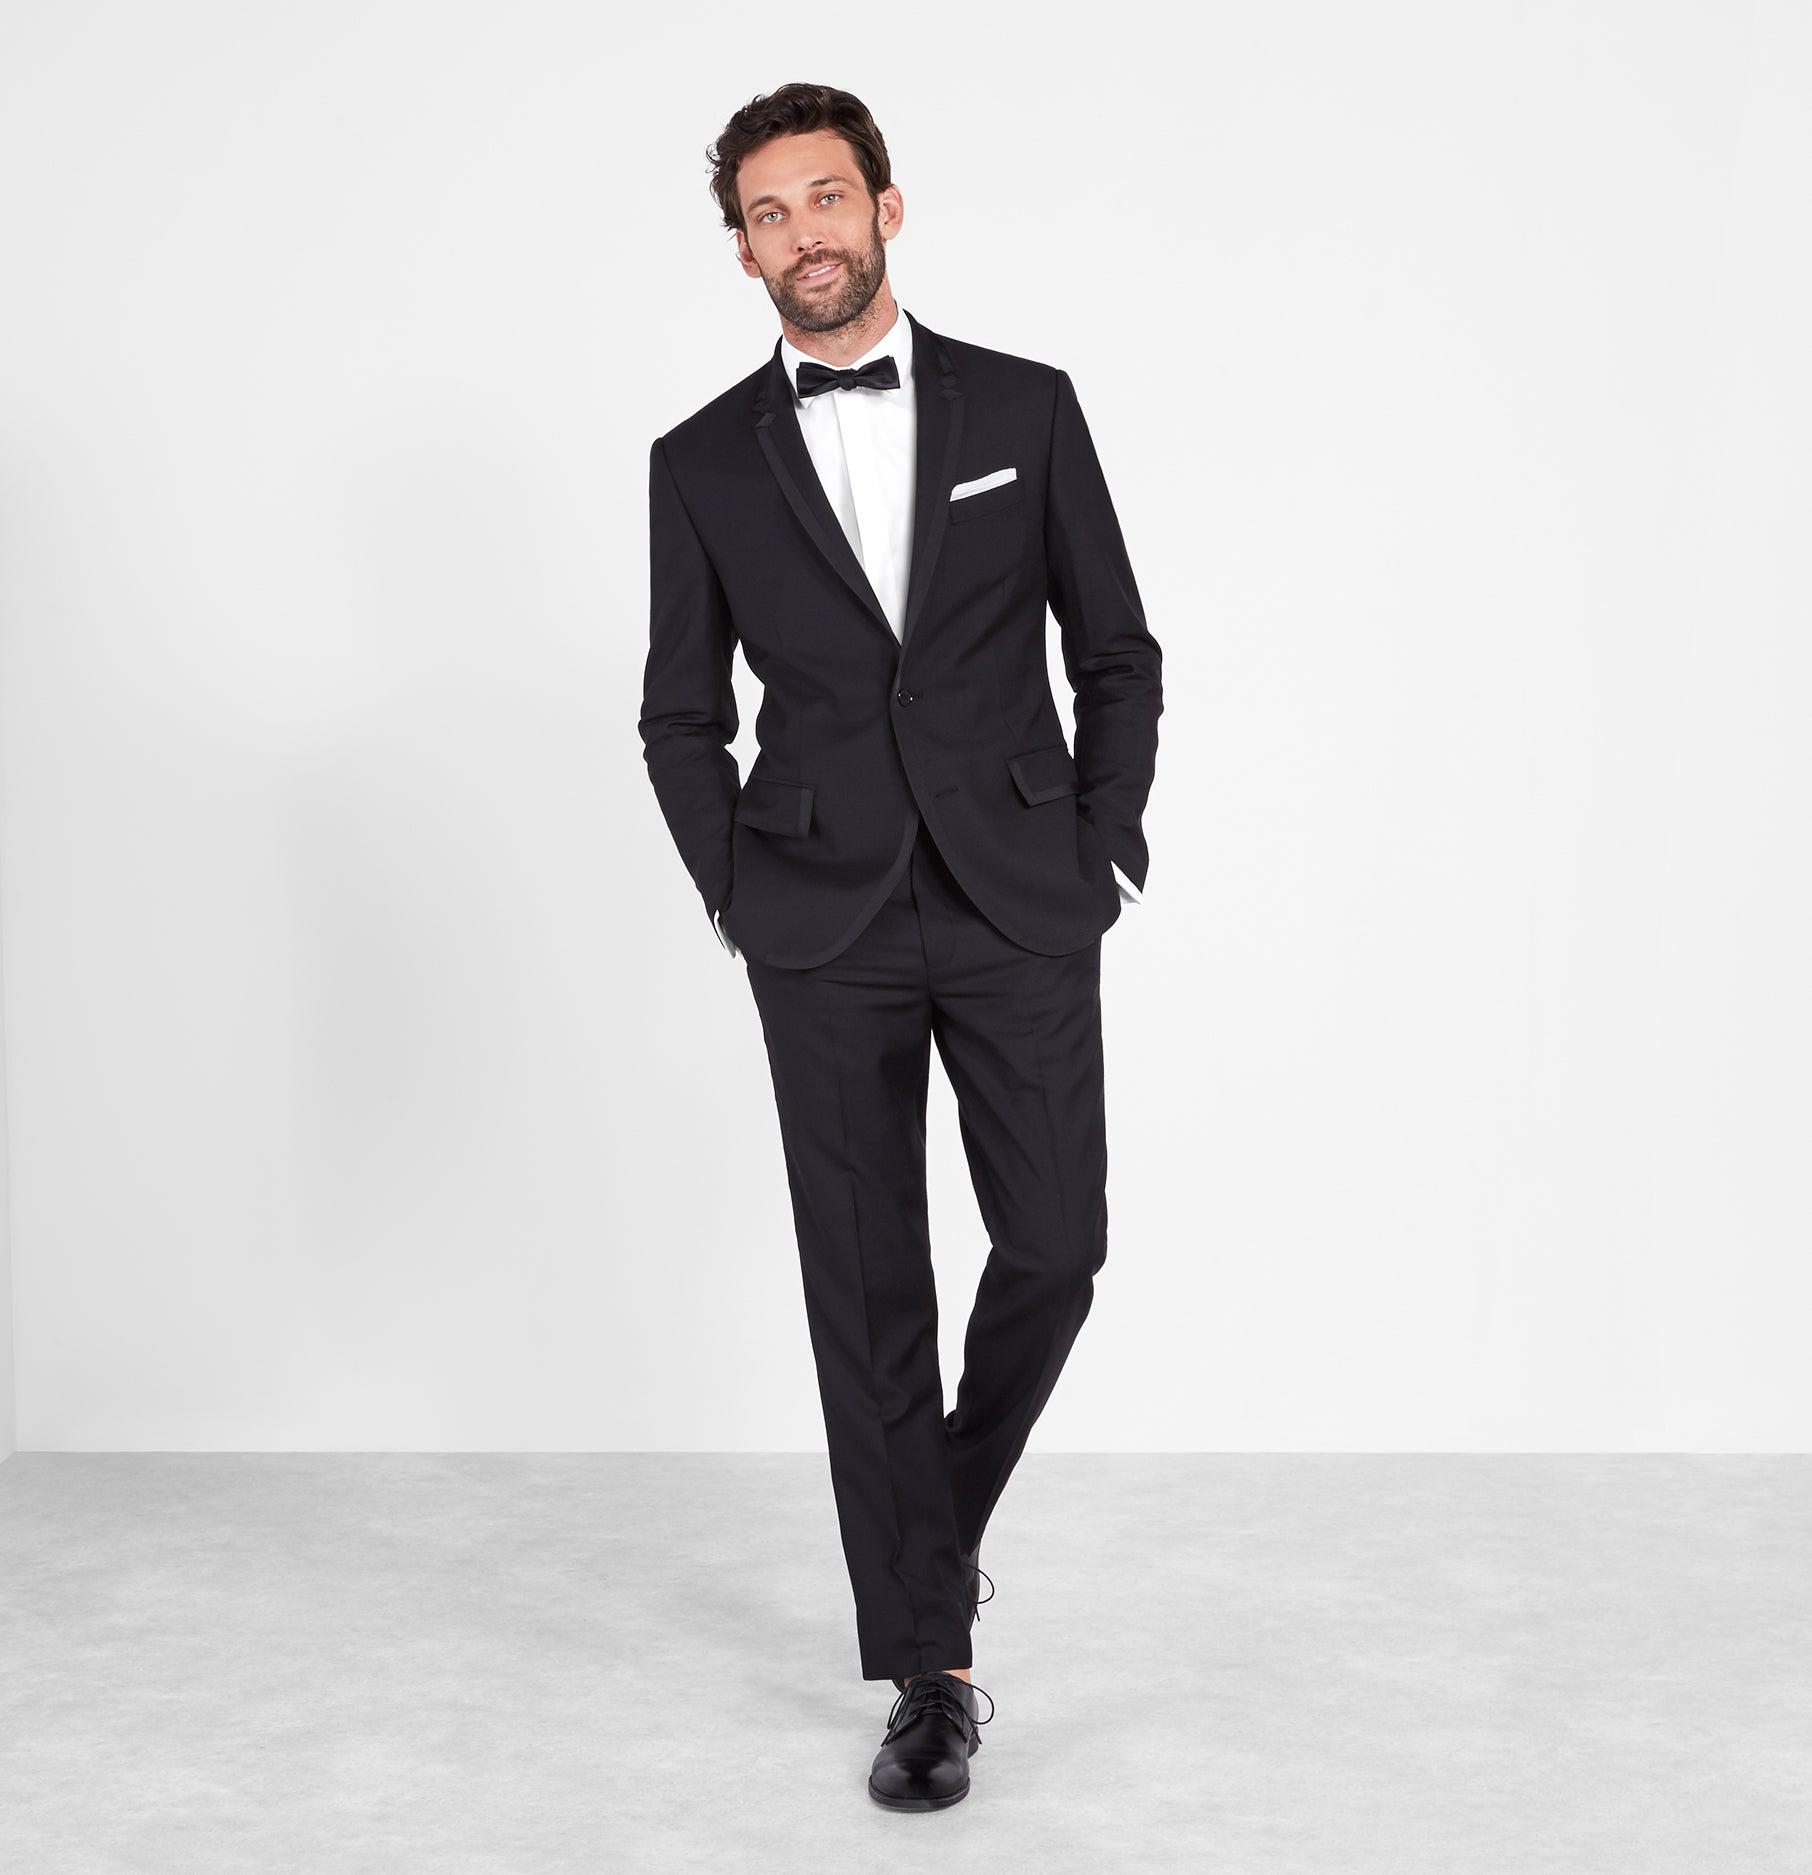 Tuxedo: Grosgrain Bound Tuxedo